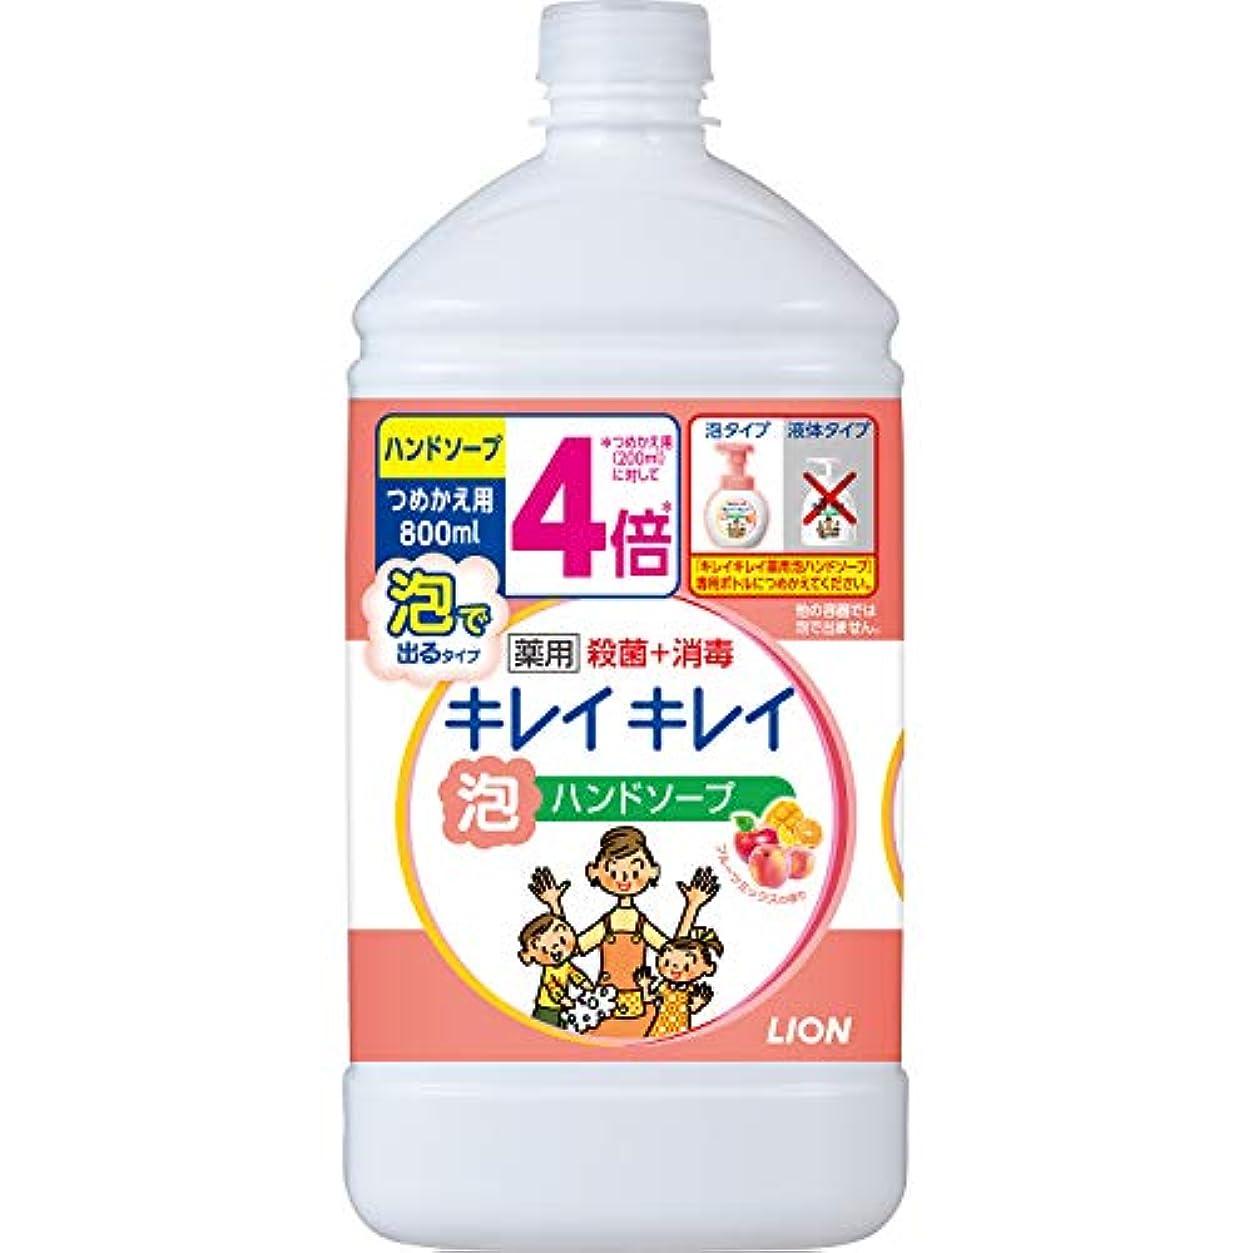 ジェスチャーリファイン選択する(医薬部外品)【大容量】キレイキレイ 薬用 泡ハンドソープ フルーツミックスの香り 詰替特大 800ml